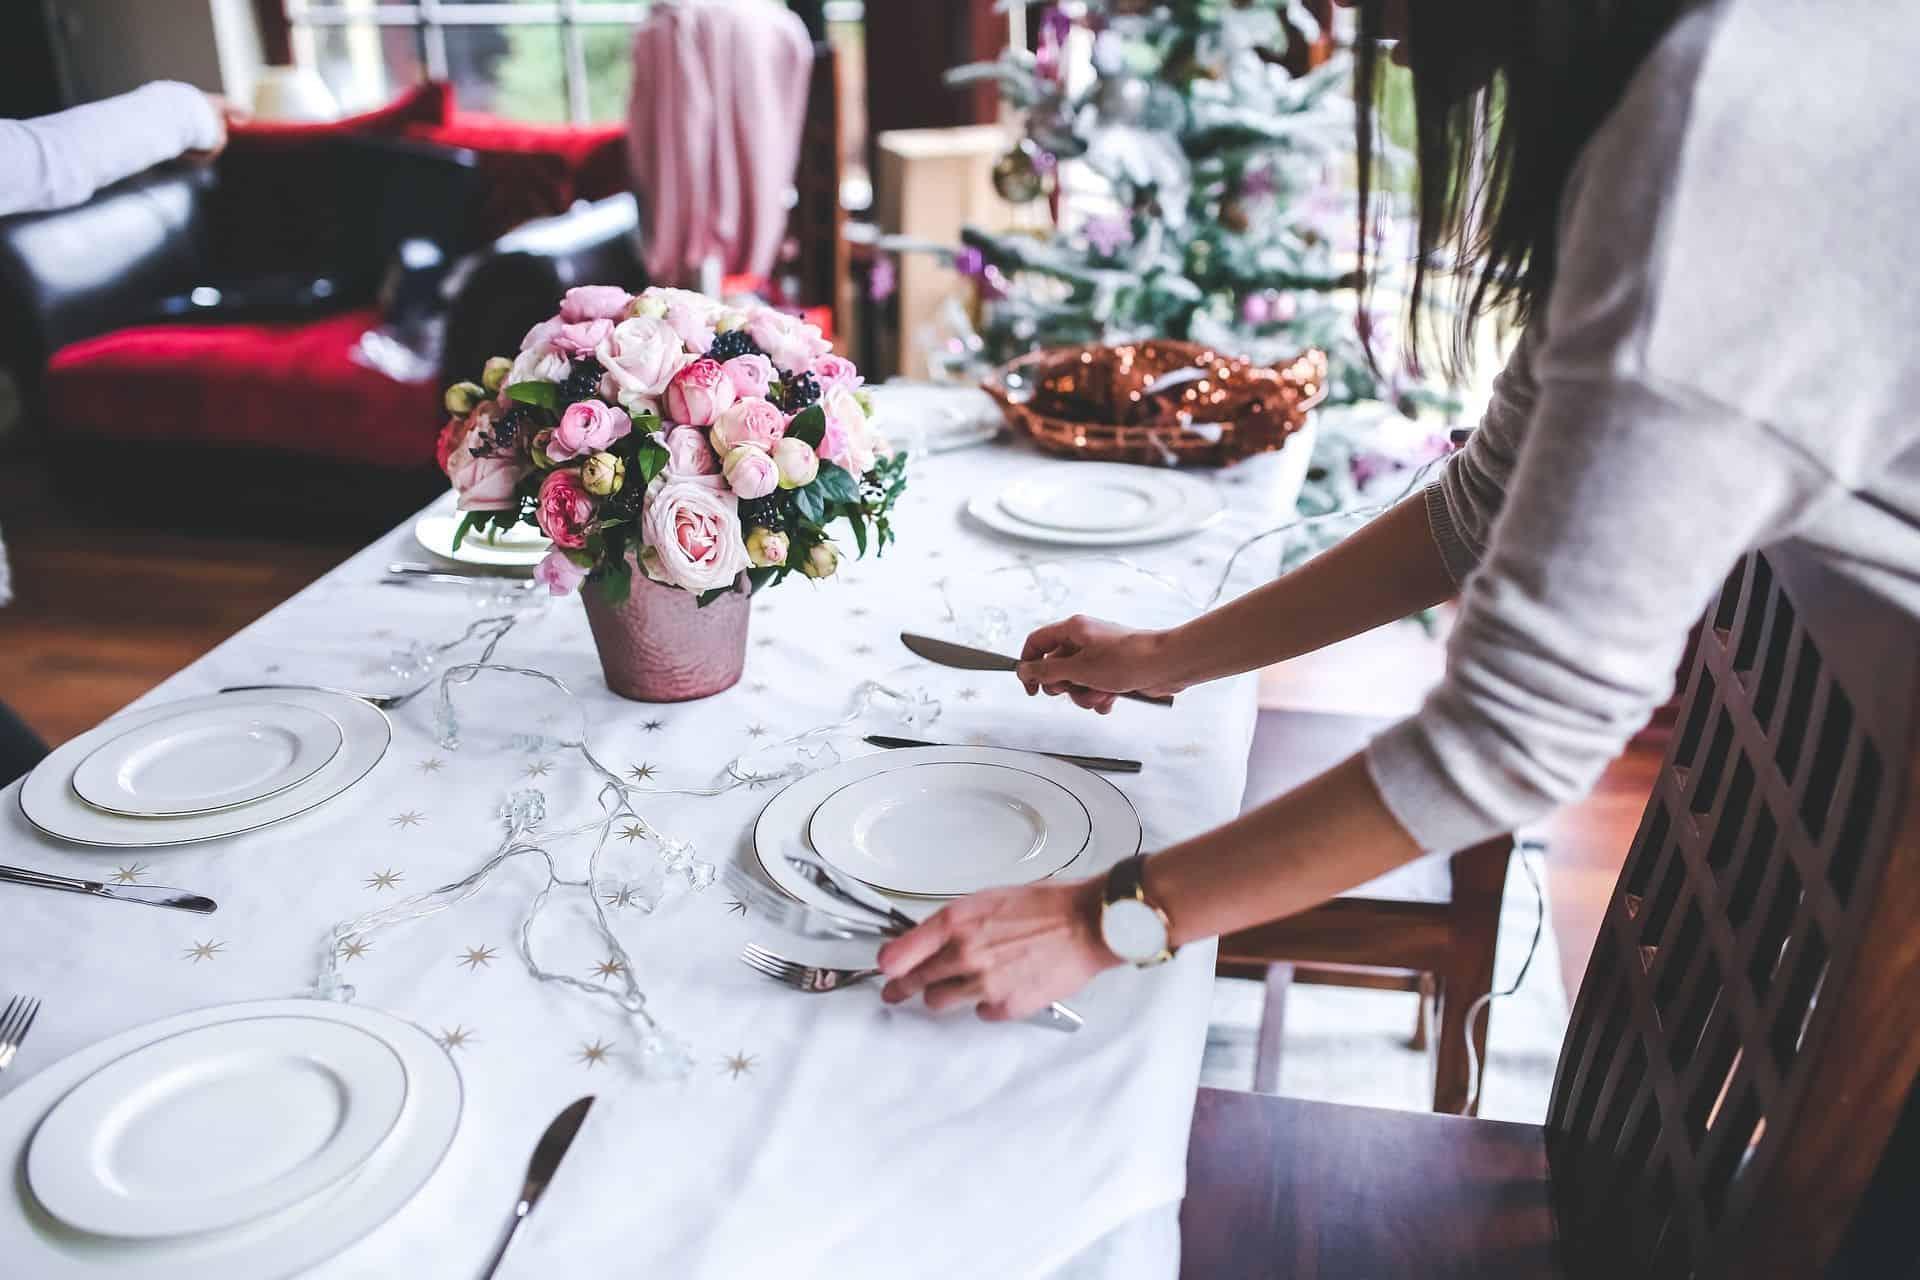 Tisch Decken Fur Die Weihnachtszeit So Geht Es Richtig